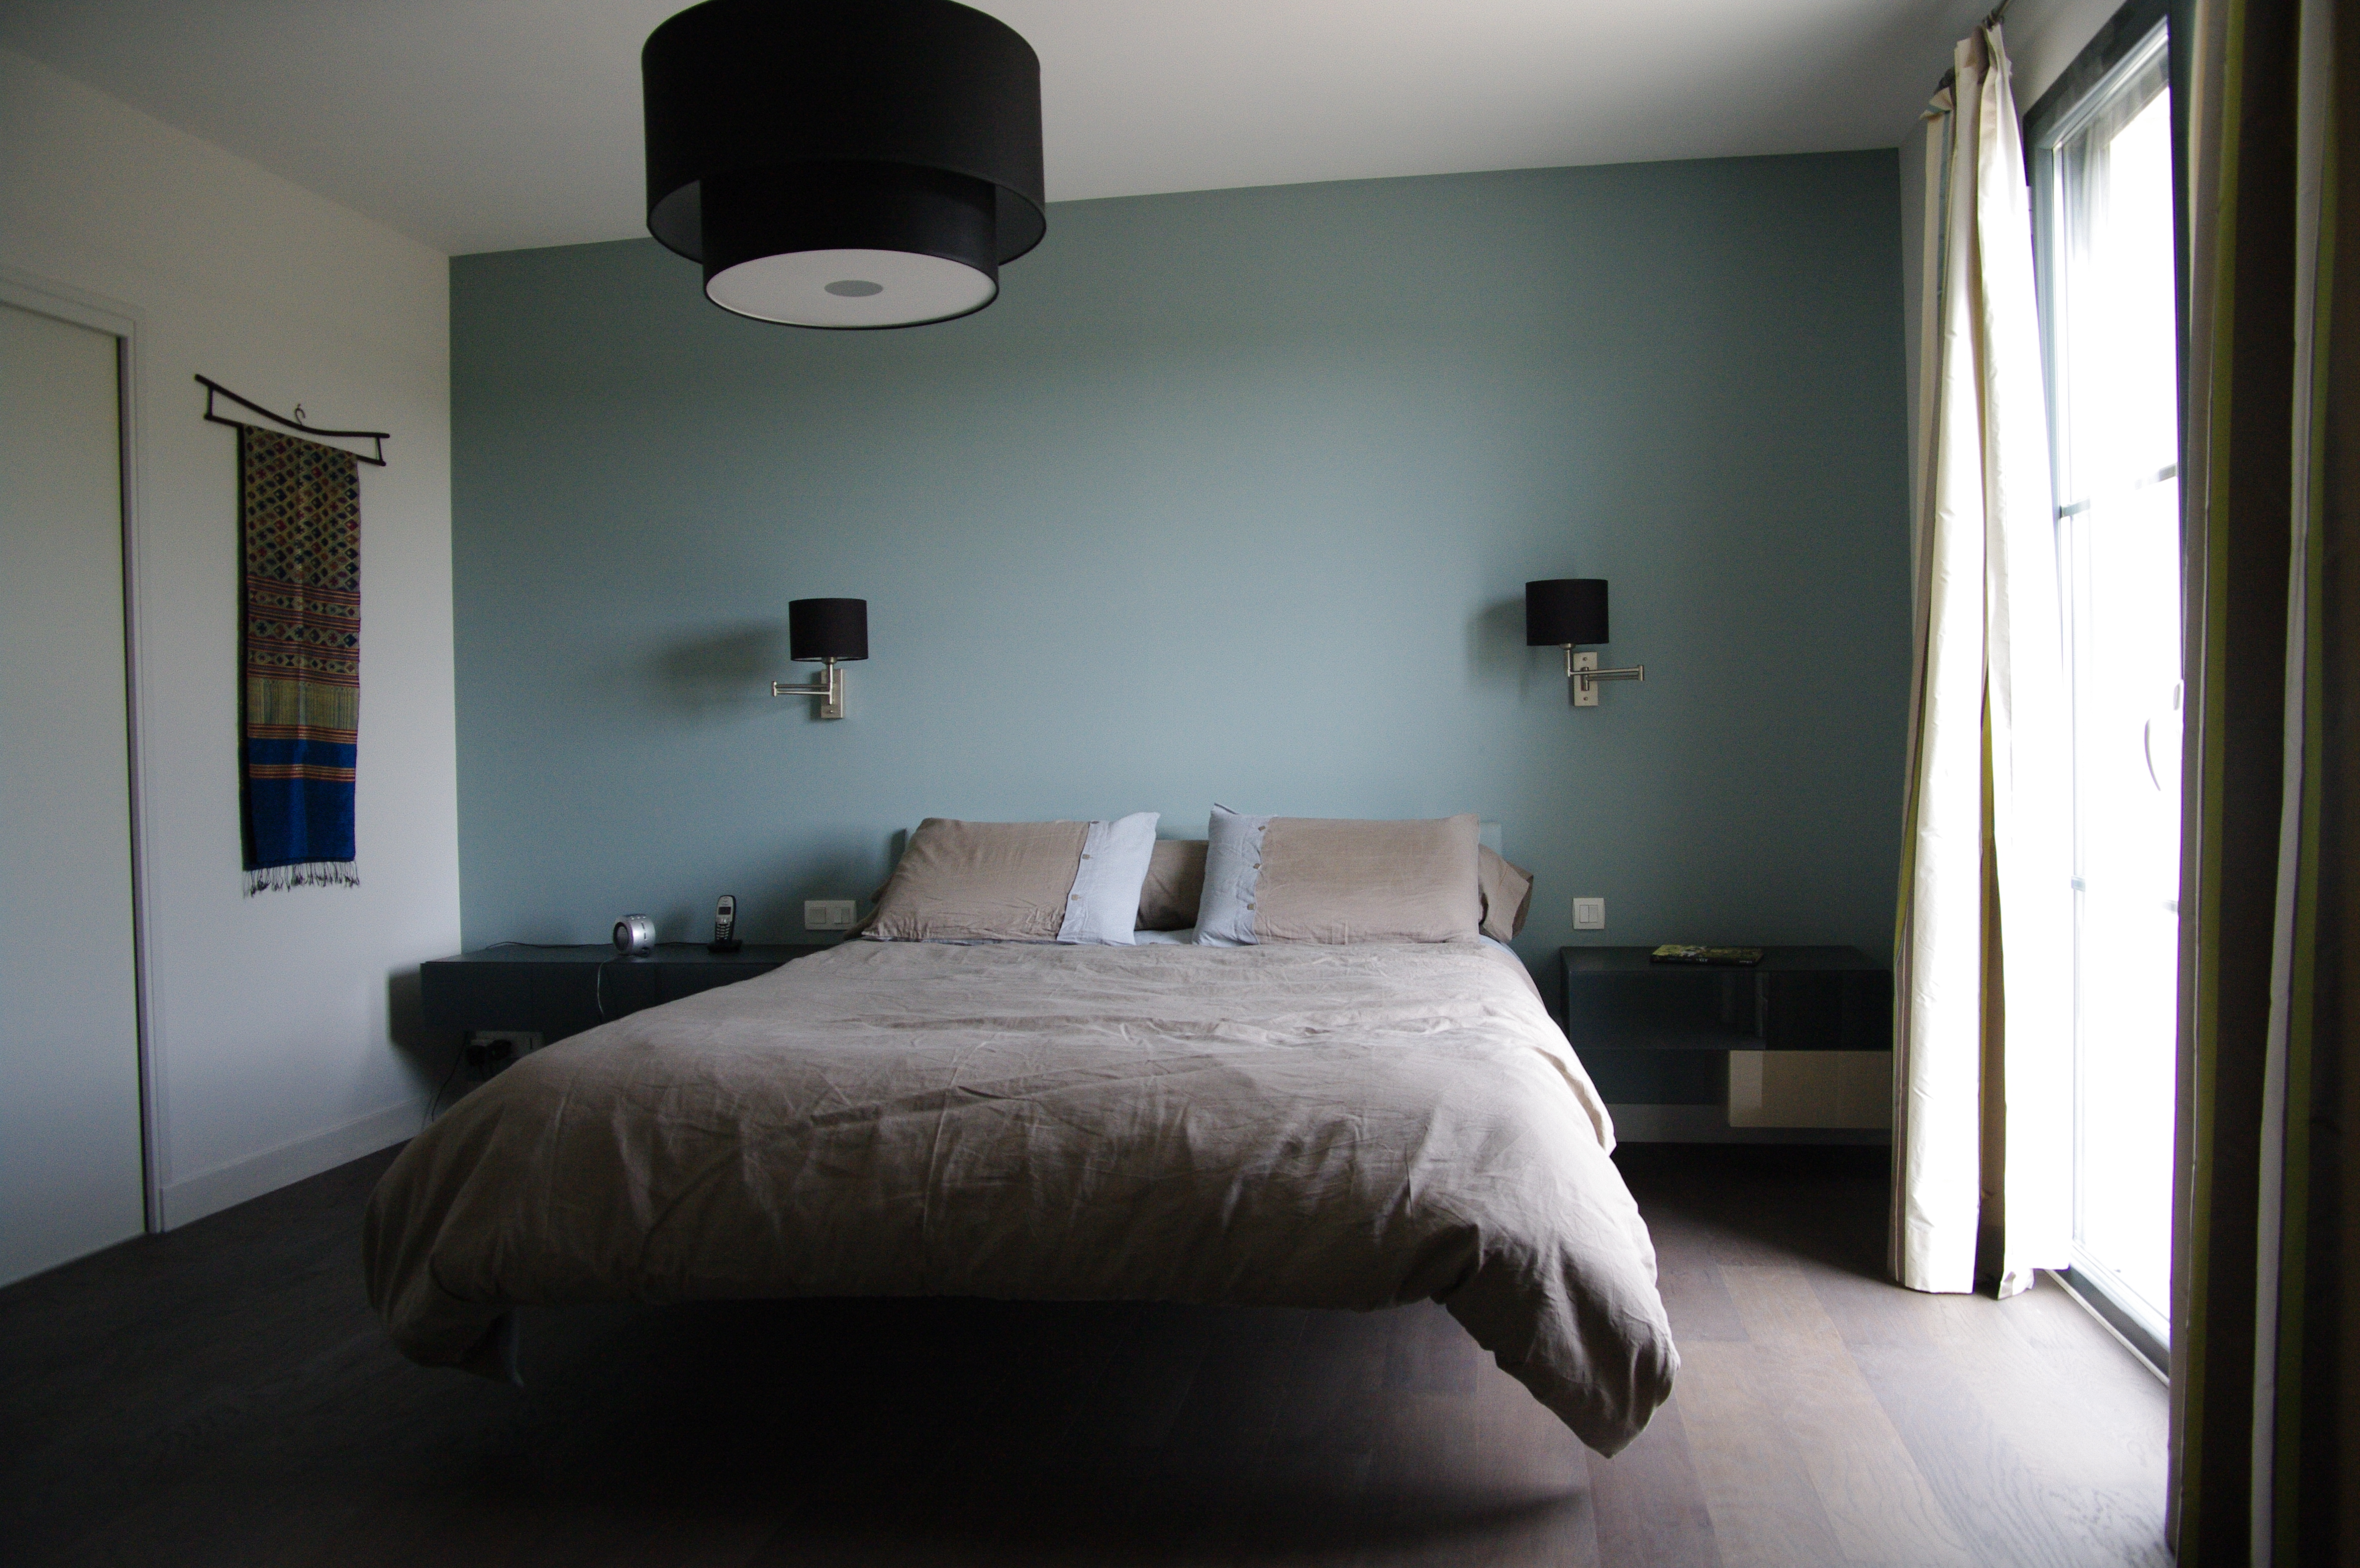 Idee deco chambre couleur peinture - Idées de travaux